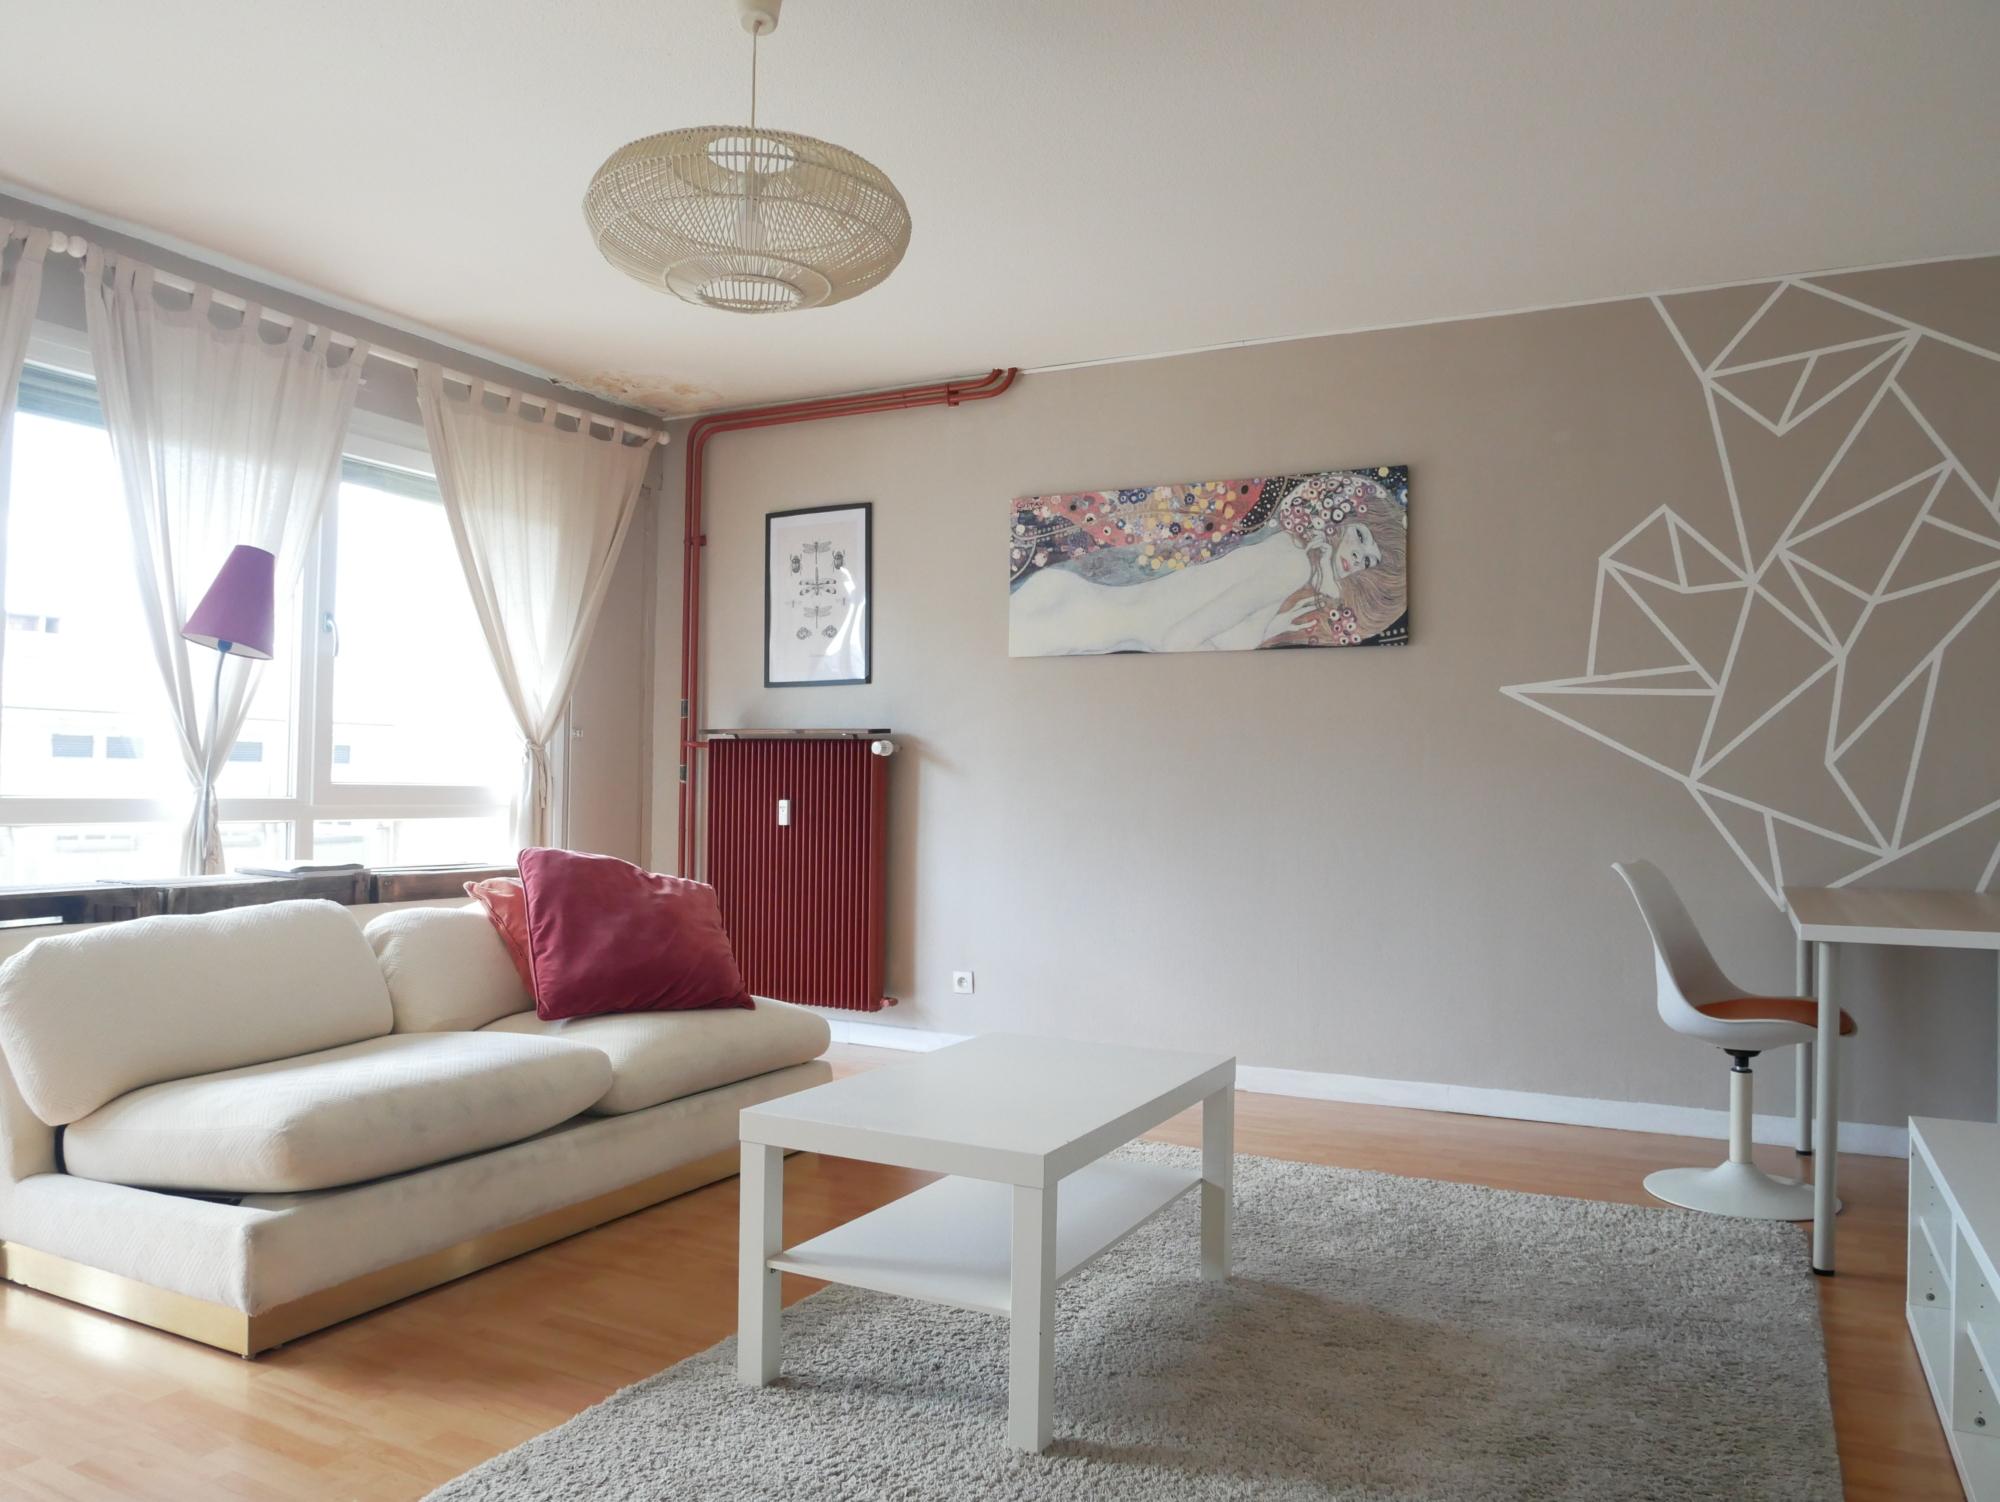 [Cosy] Agréable 2 pièces meublé – Bourse / rue Paul Reiss - nos locations - Beausite Immobilier 2